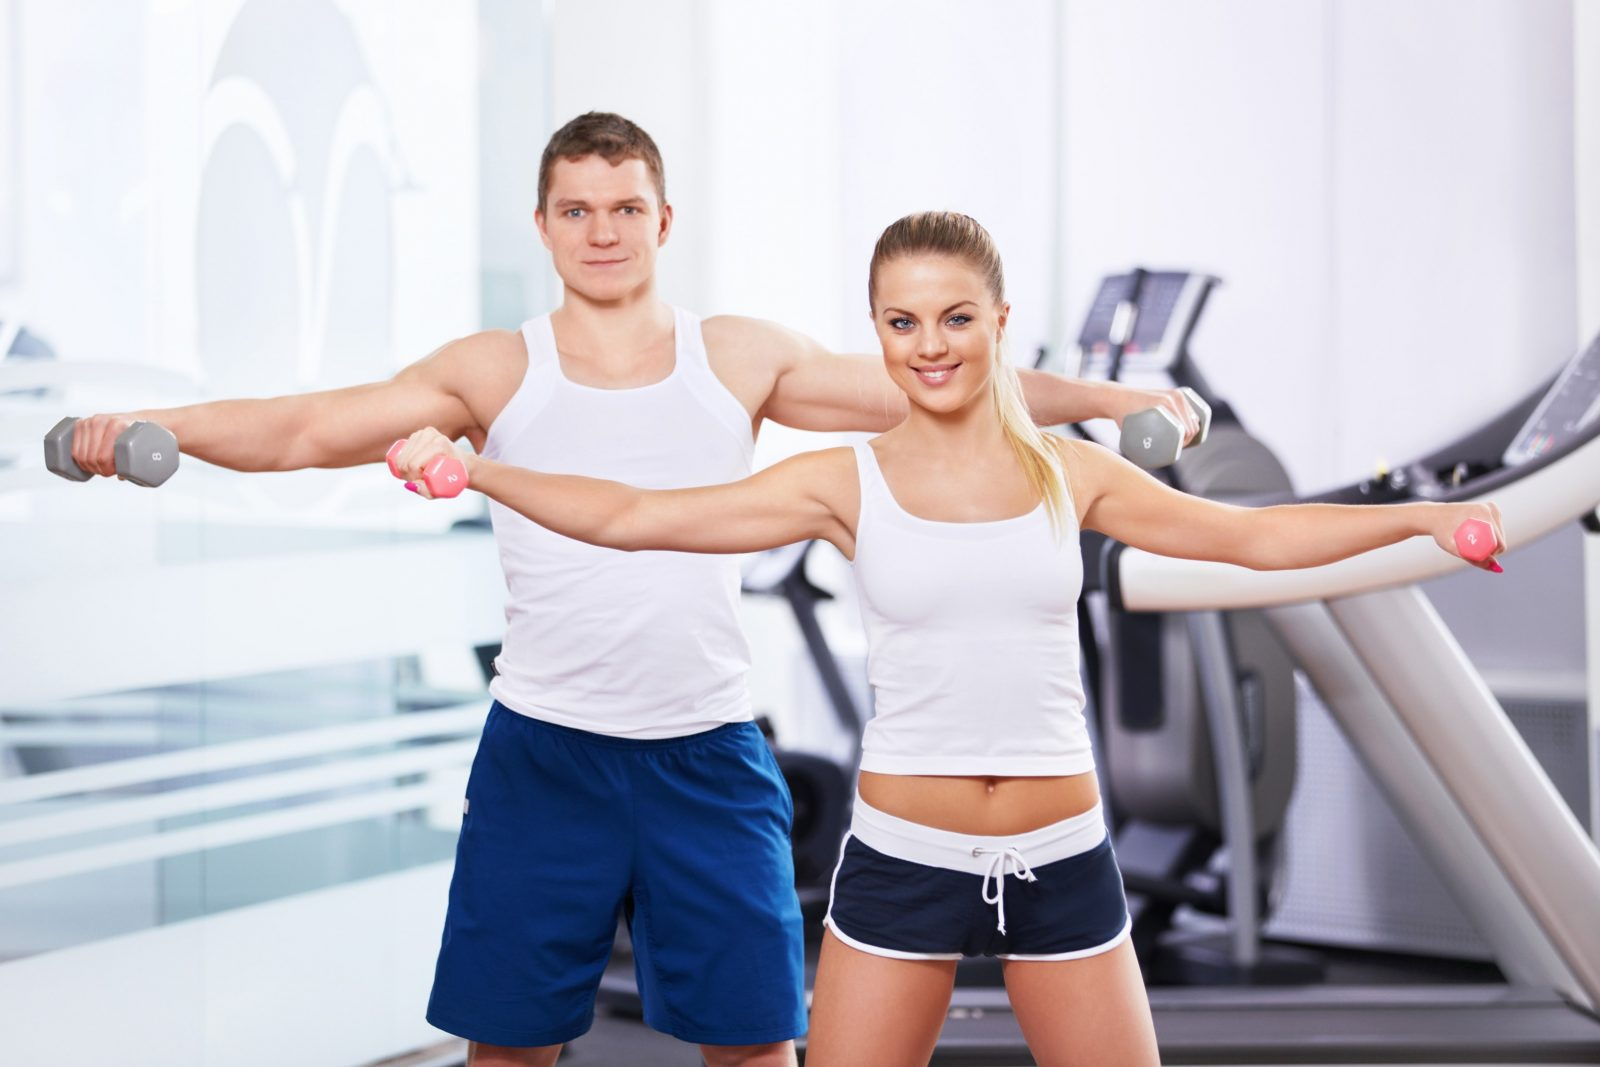 Спортивные девушка и парень выполняют упражнение с легкими гирями в тренажерном зале